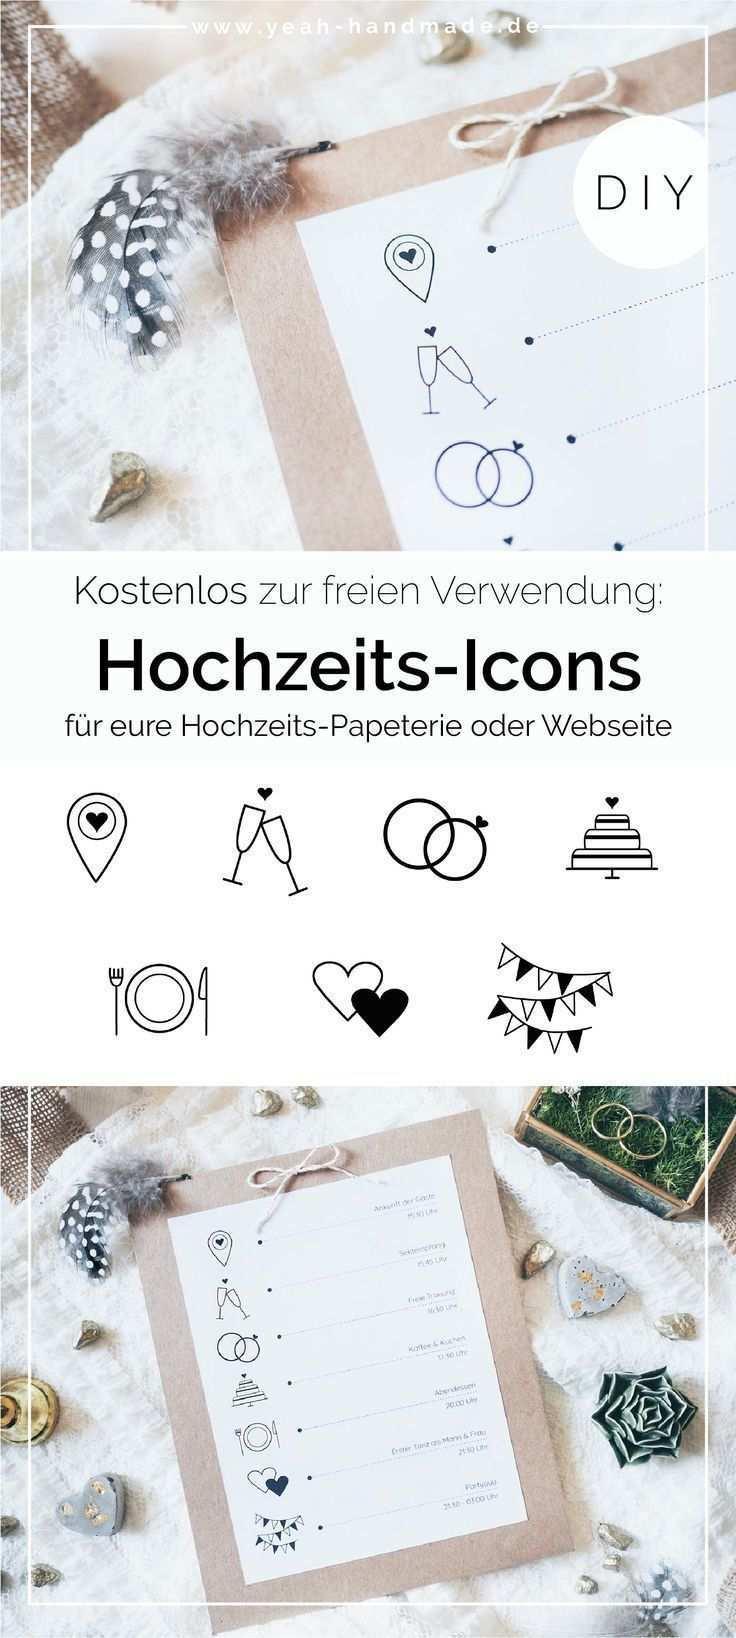 Kostenlose Hochzeits Icons Zur Freien Verfugung In 2020 Wedding Icon Wedding Invitations Diy Wedding Symbols